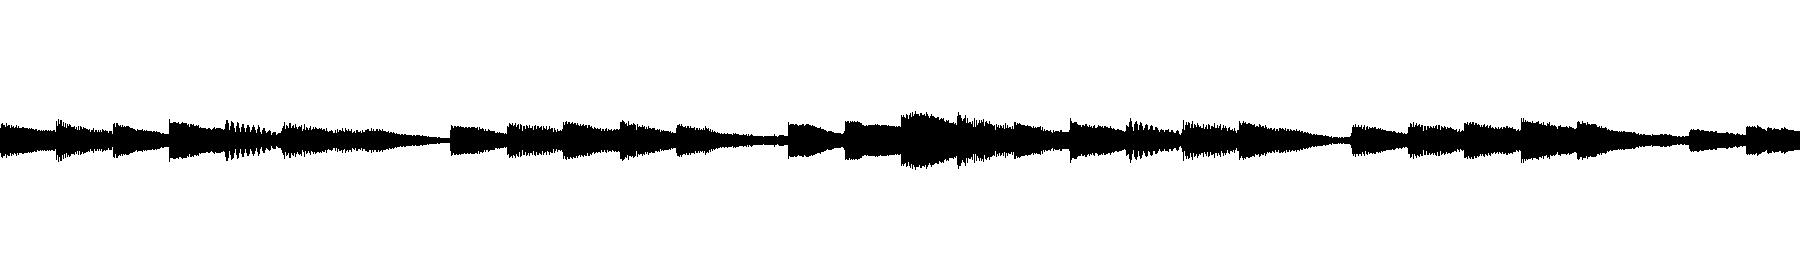 45 53 02 145bpm gminor bells